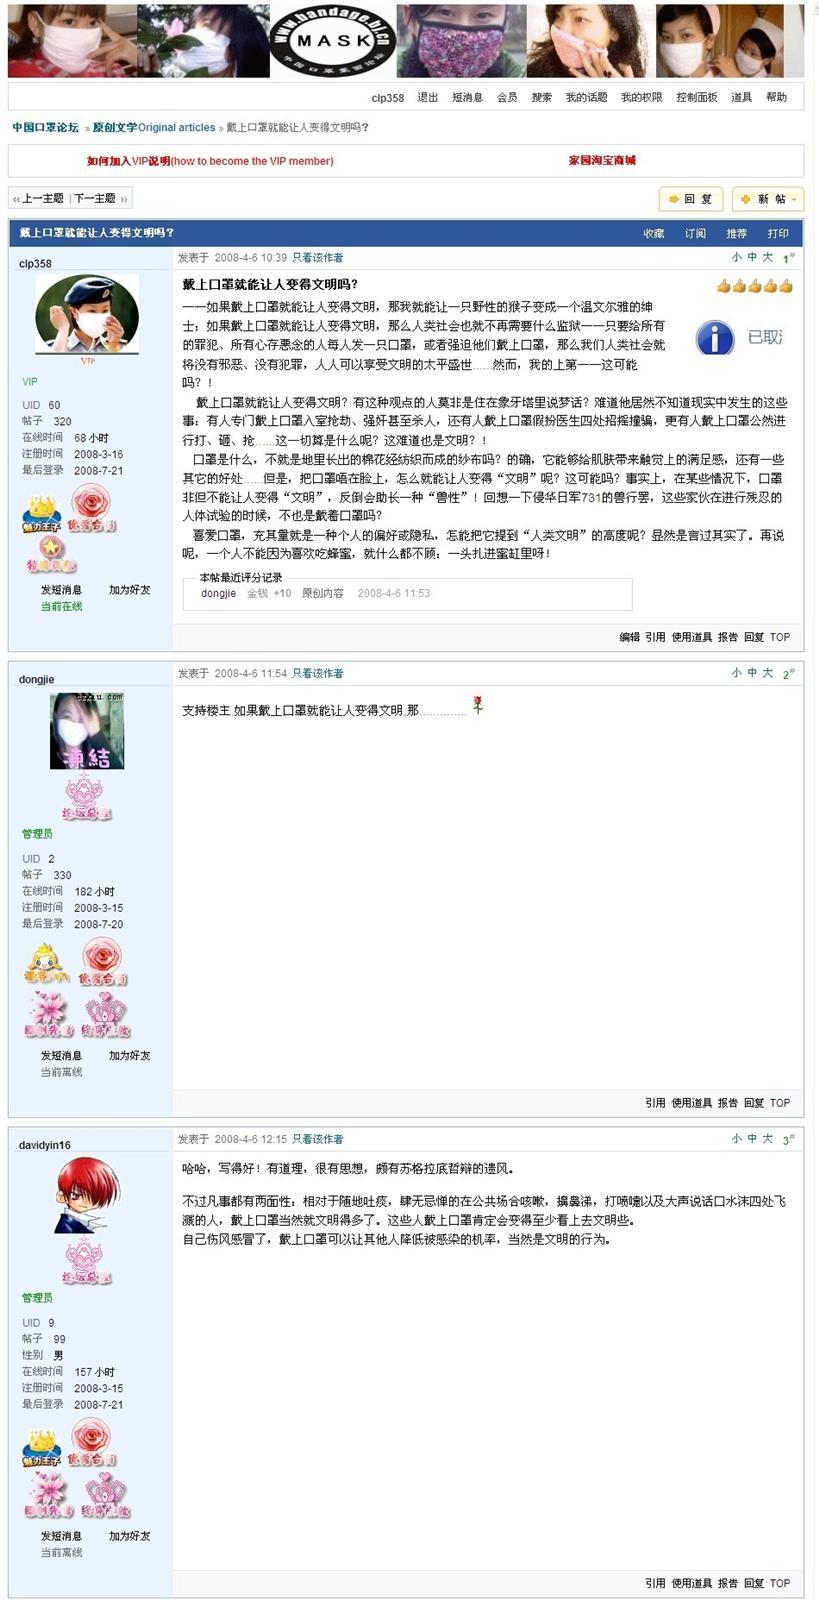 中国口罩论坛——口罩爱好者的快乐家园- 第49页